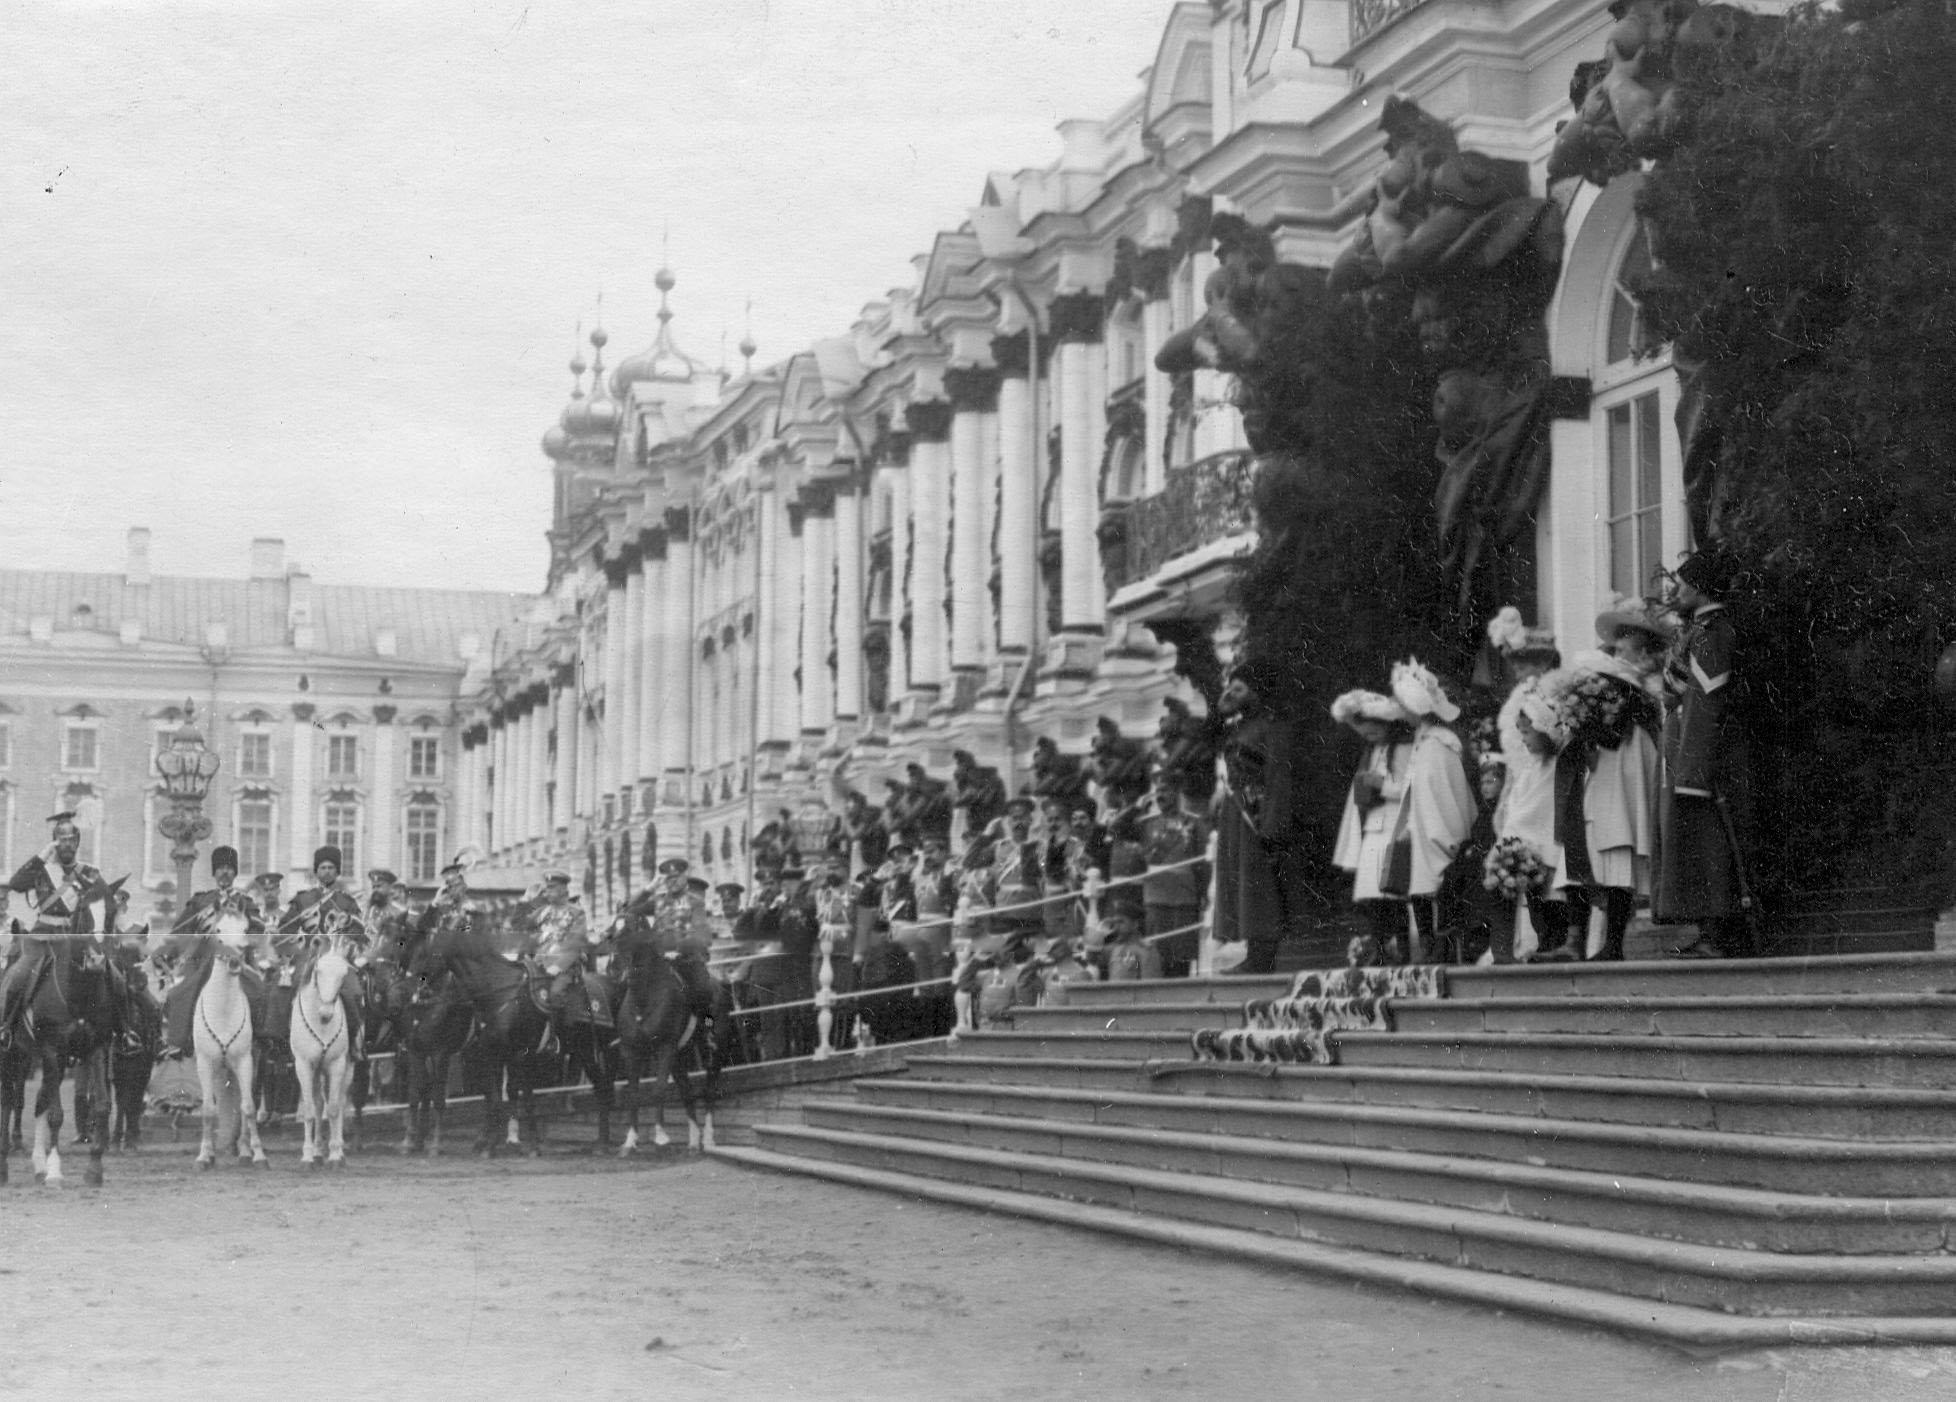 Члены императорской фамилии у Екатерининского дворца во время парада Уланского Её Величества лейб-гвардии полка